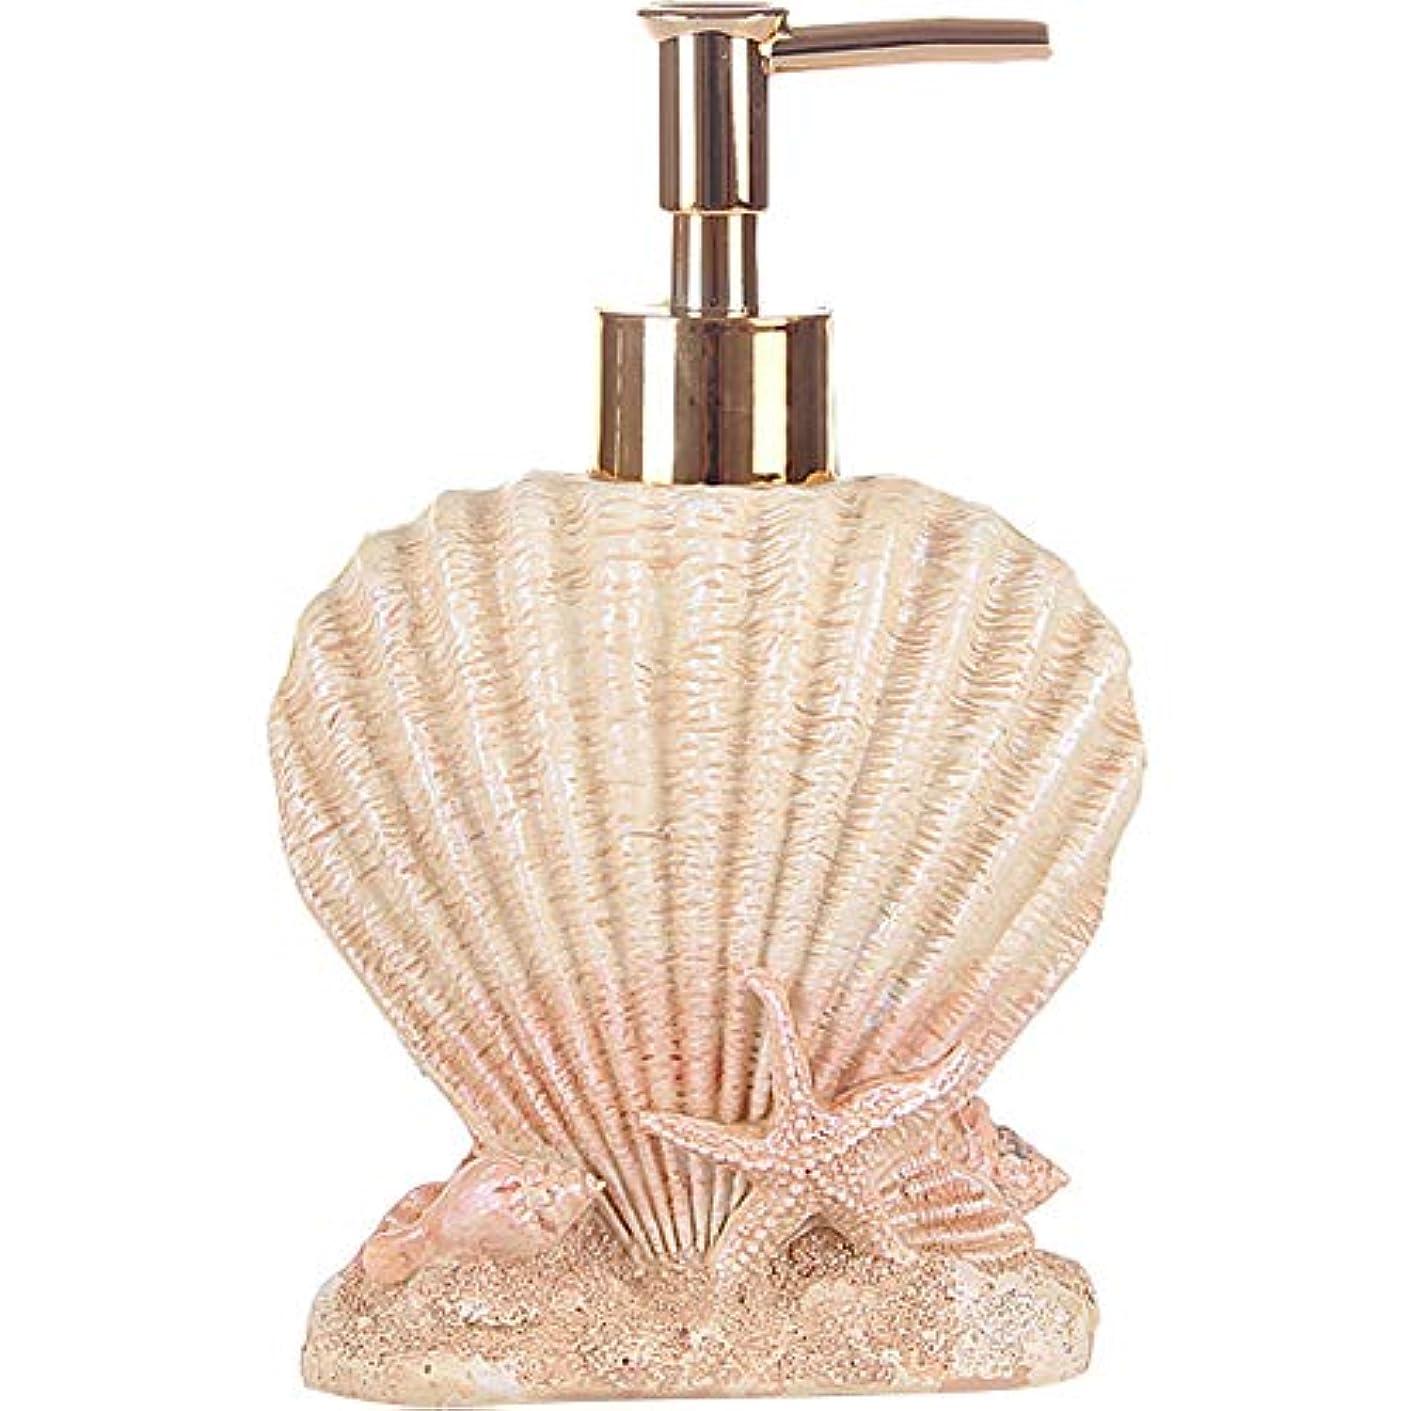 シロクマブルゴーニュインストール(Shell) - Creative Beach Shells European Style Hand Soap Liquid Bottles Resin Shampoo Dispenser (shell)